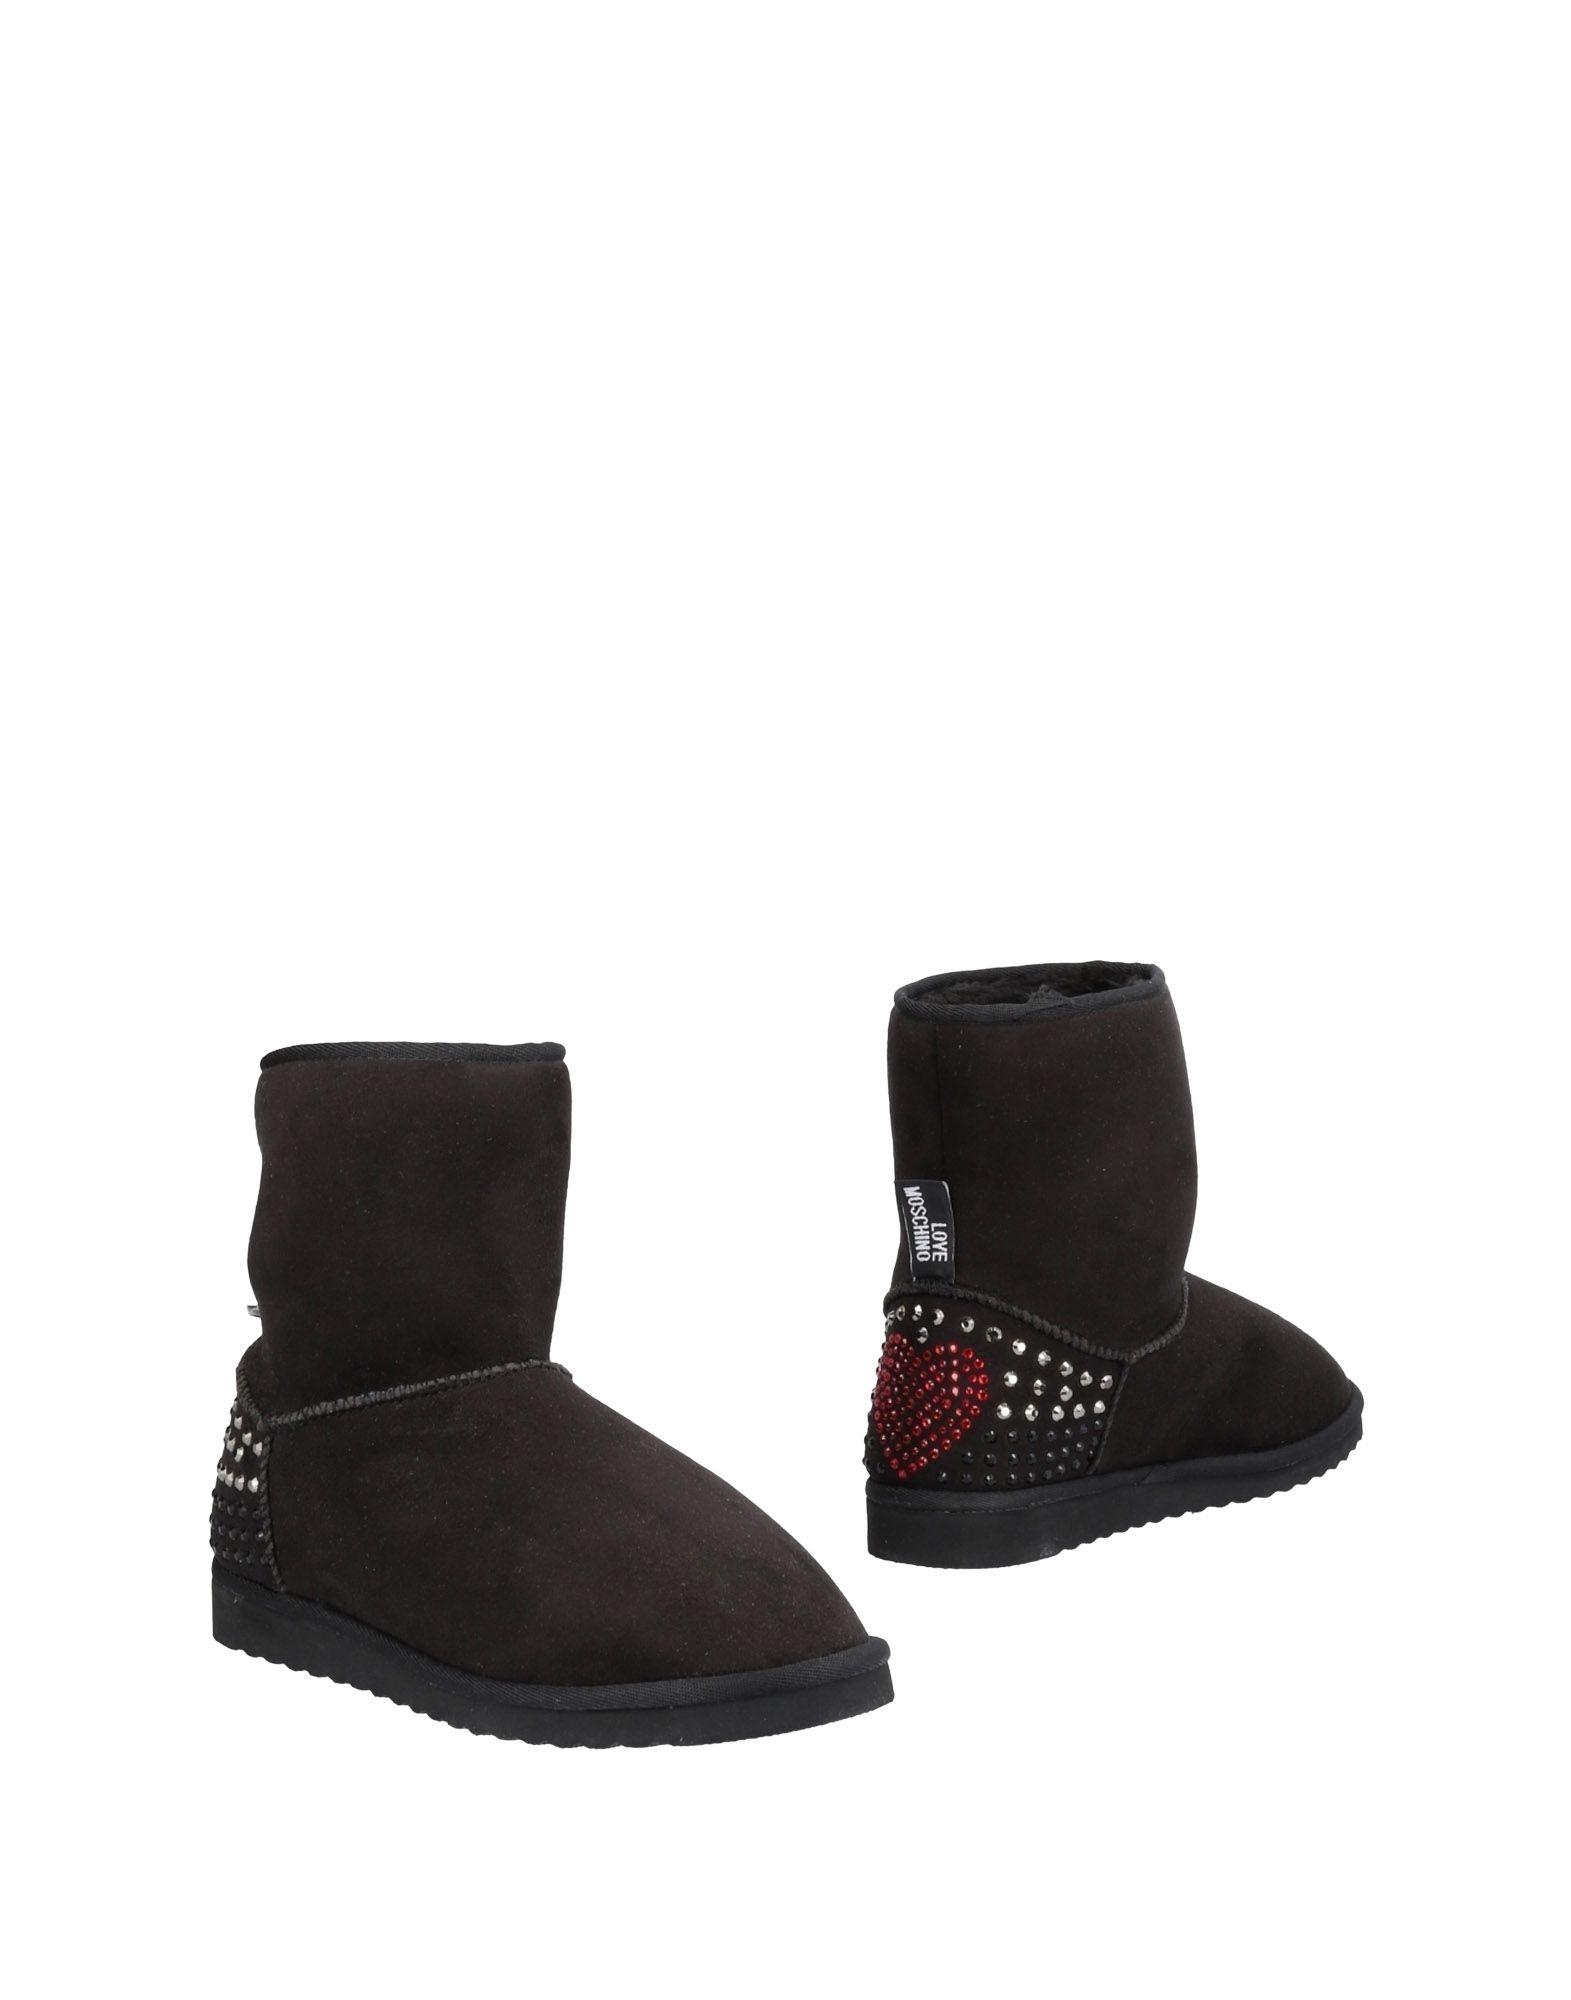 Stilvolle billige Schuhe Love 11488992EP Moschino Stiefelette Damen  11488992EP Love 60357a